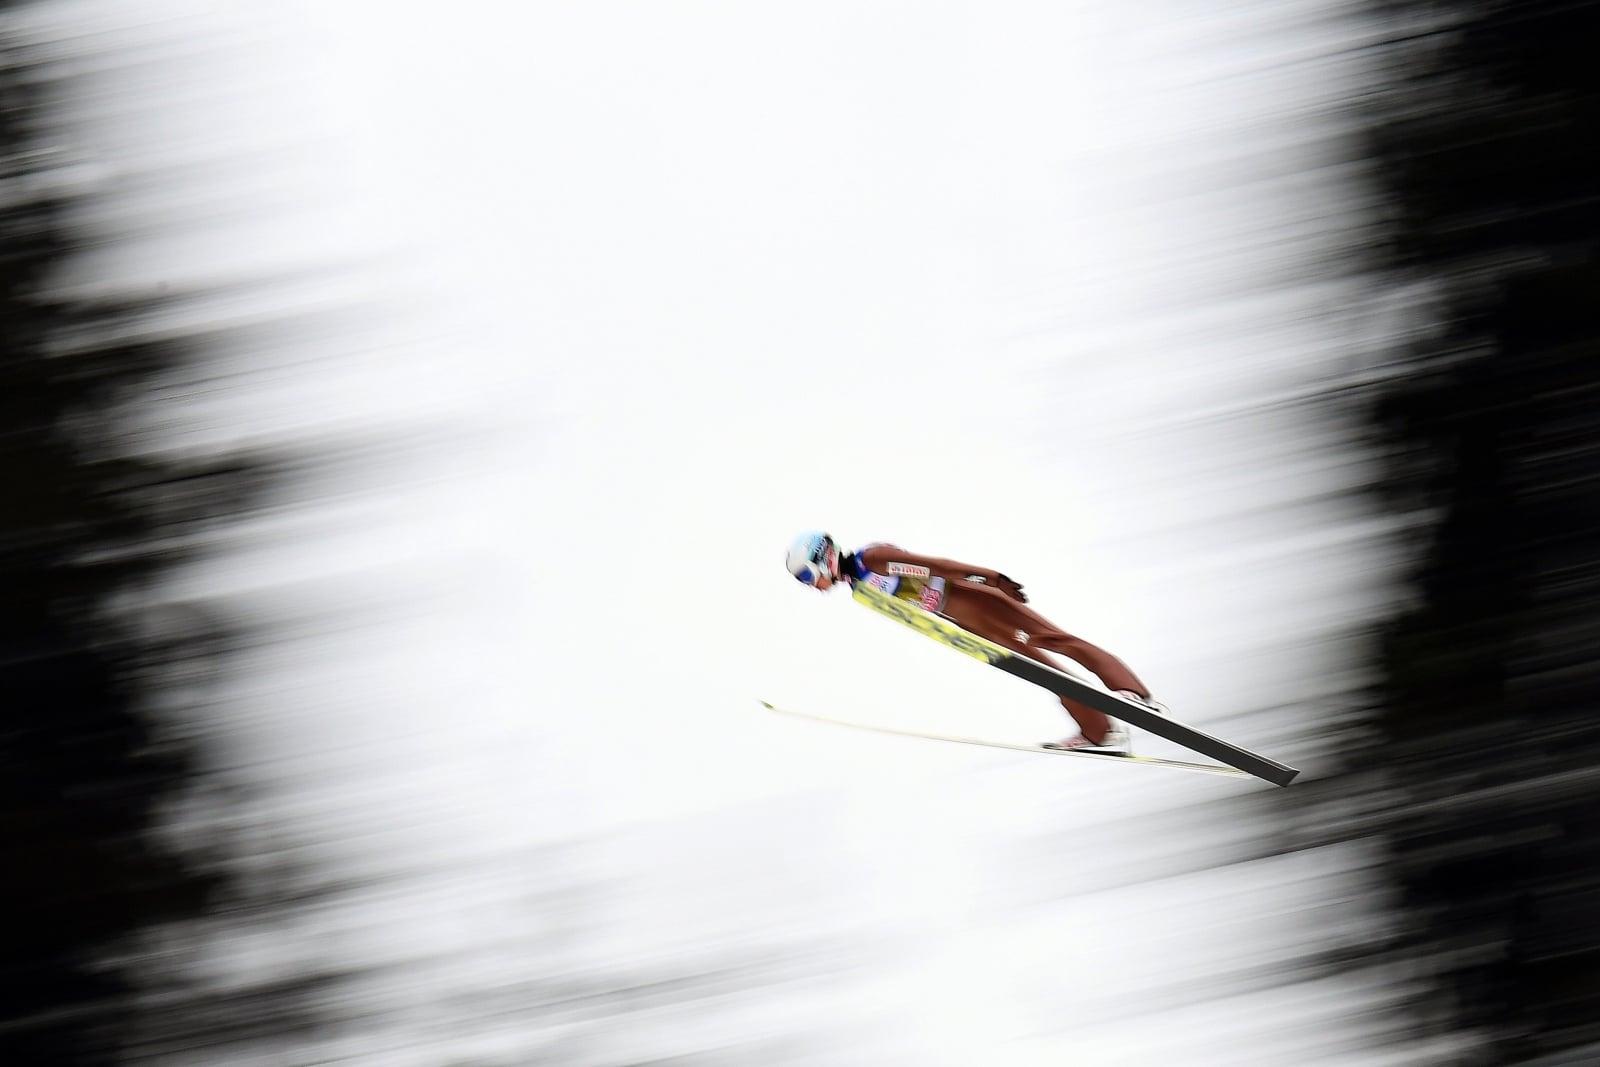 Kamil Stoch podczas treningu na skoczni w Innsbrucku EPA/CHRISTIAN BRUNA